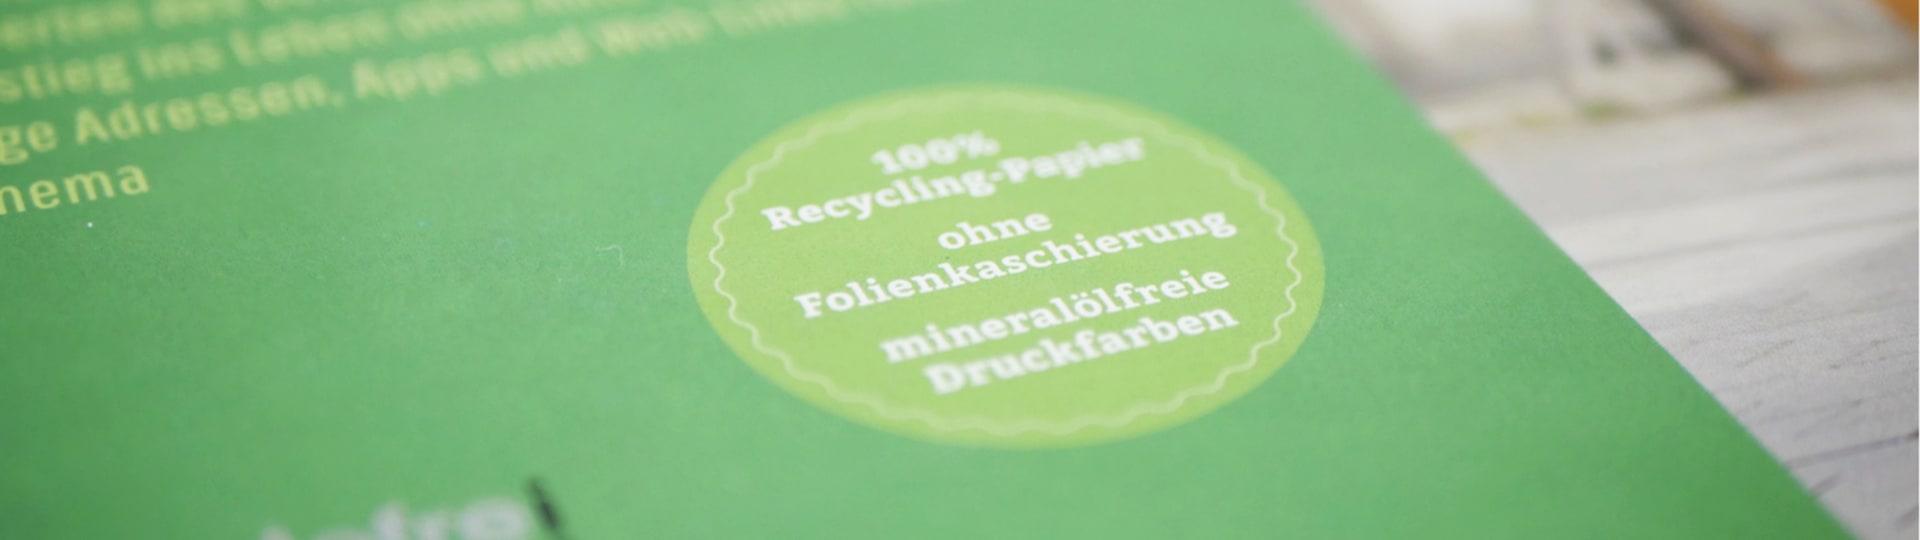 Stempel auf Buch mit Aufschrift »100% Recycling-Papier, ohne Folienkaschierung, mineralölfreie Druckfarben«